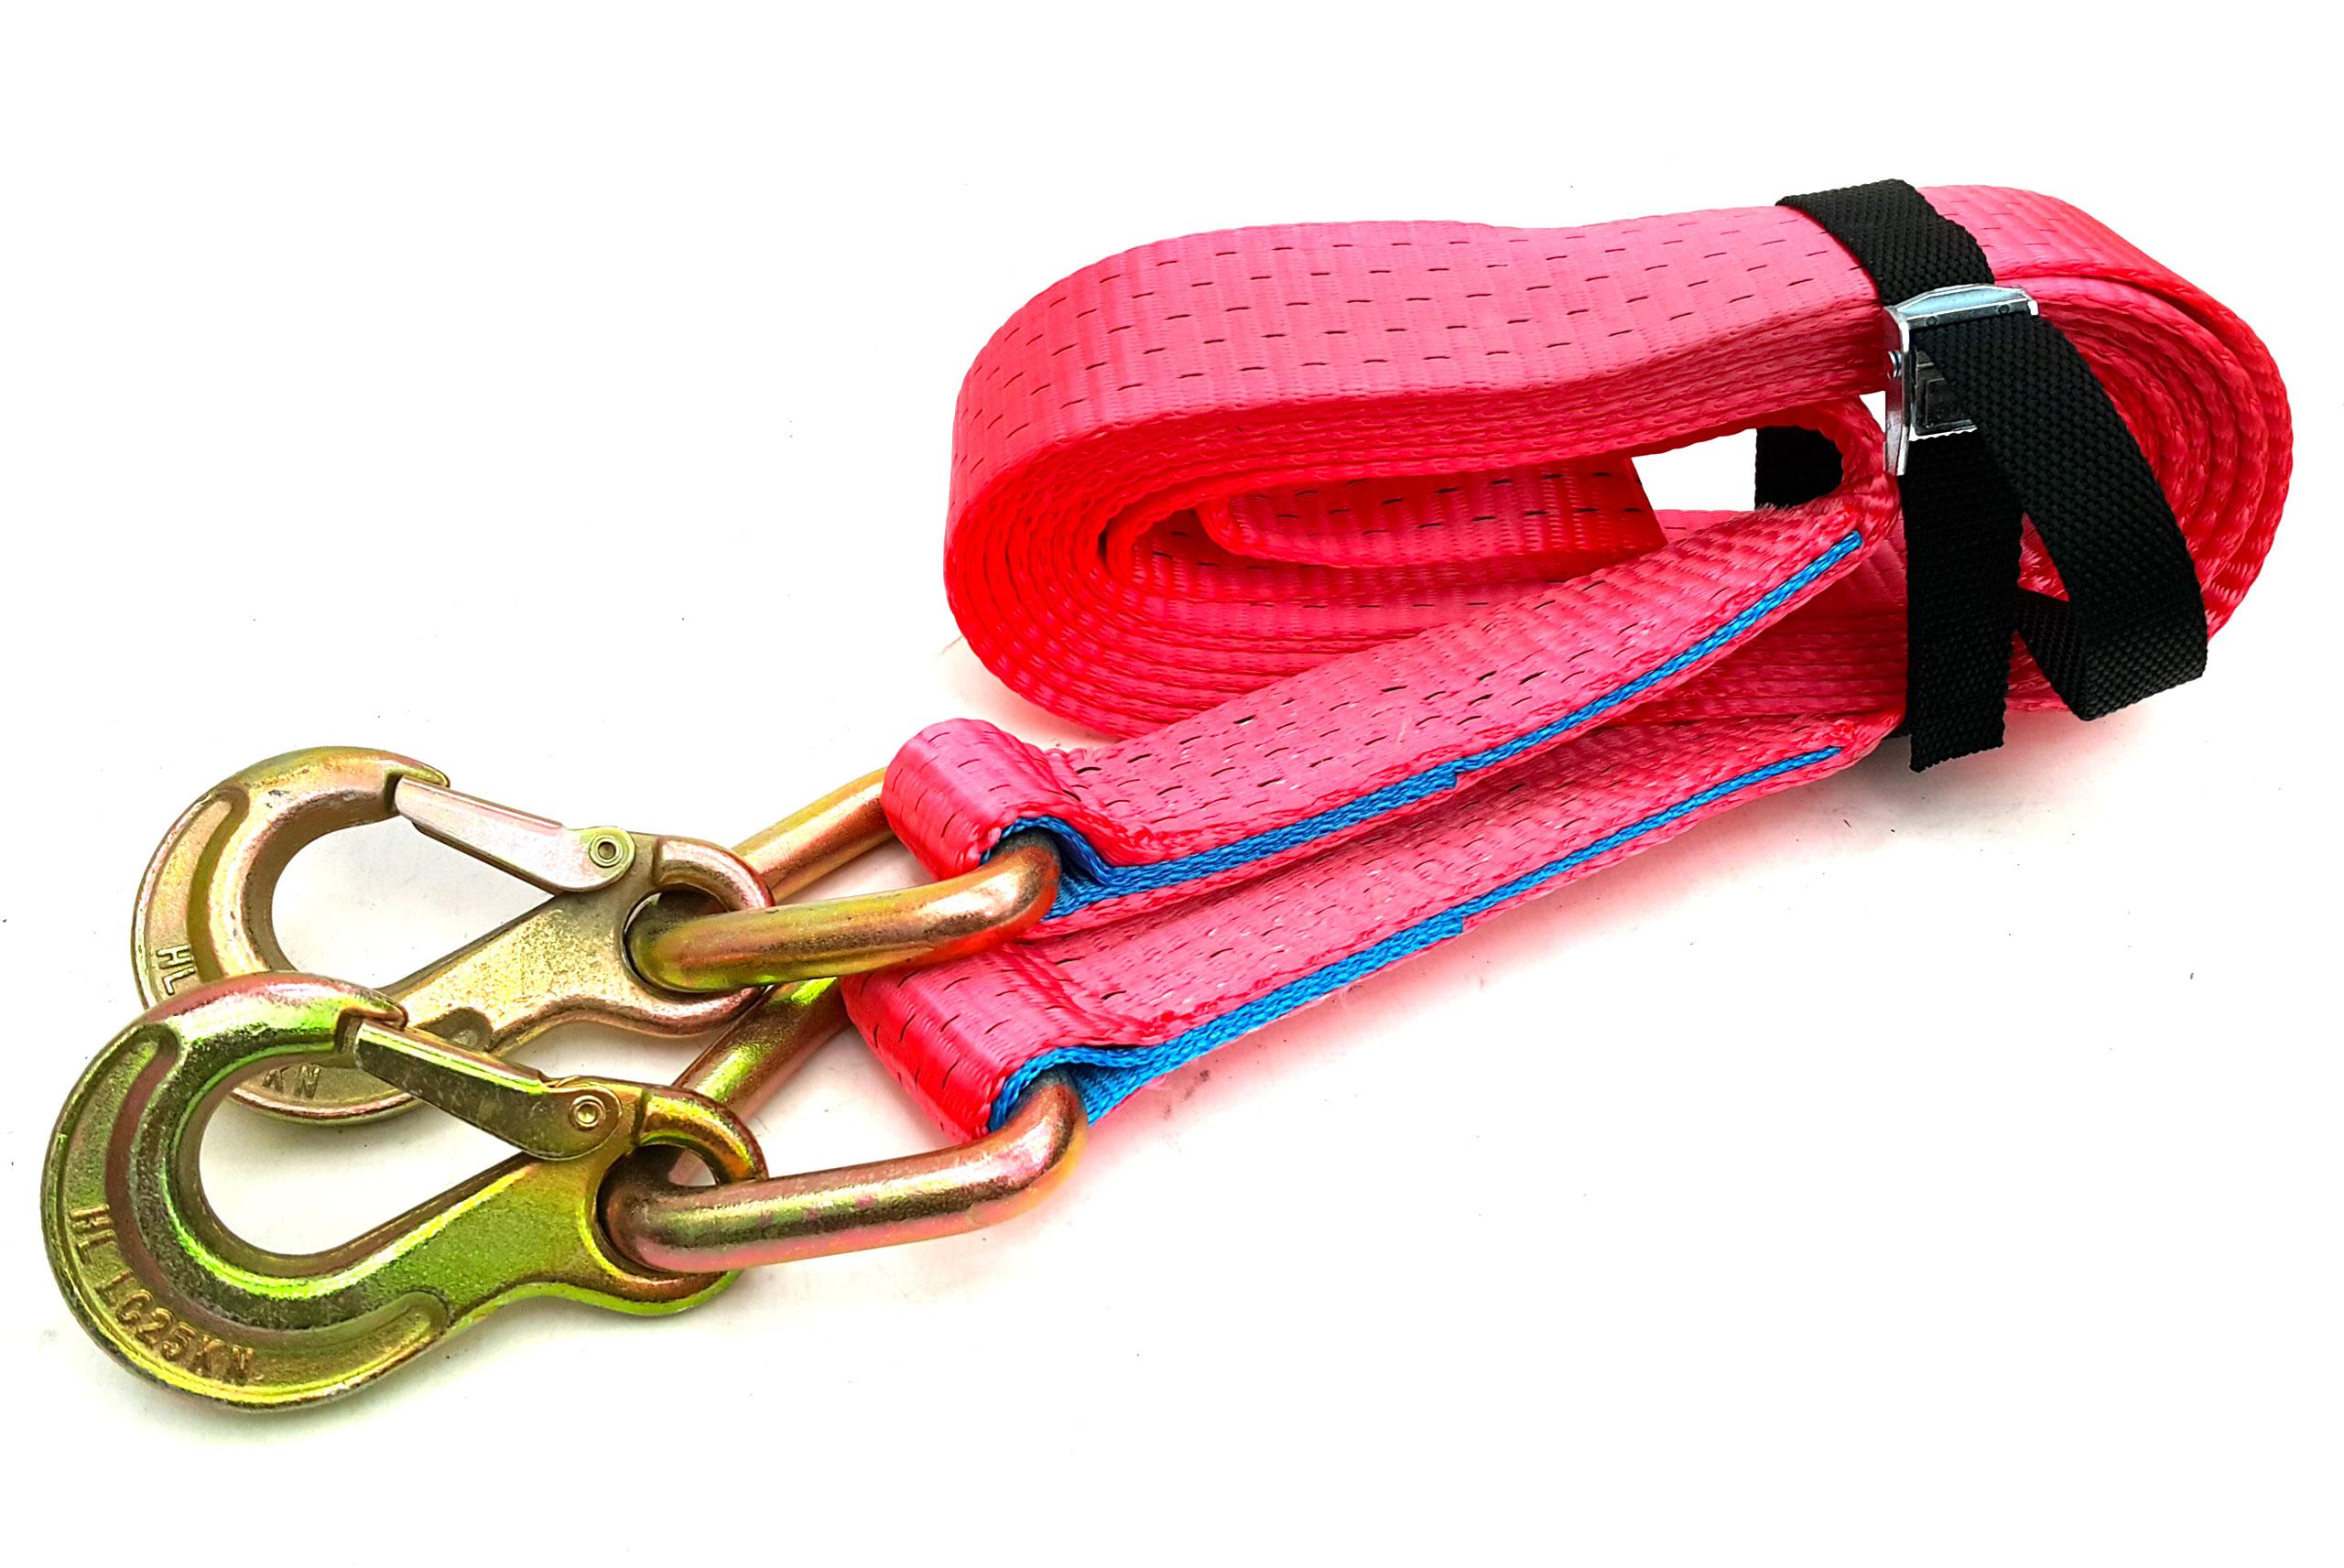 Веревка Веревка Буксировочная лента 7.5t Лента крюк + крюк